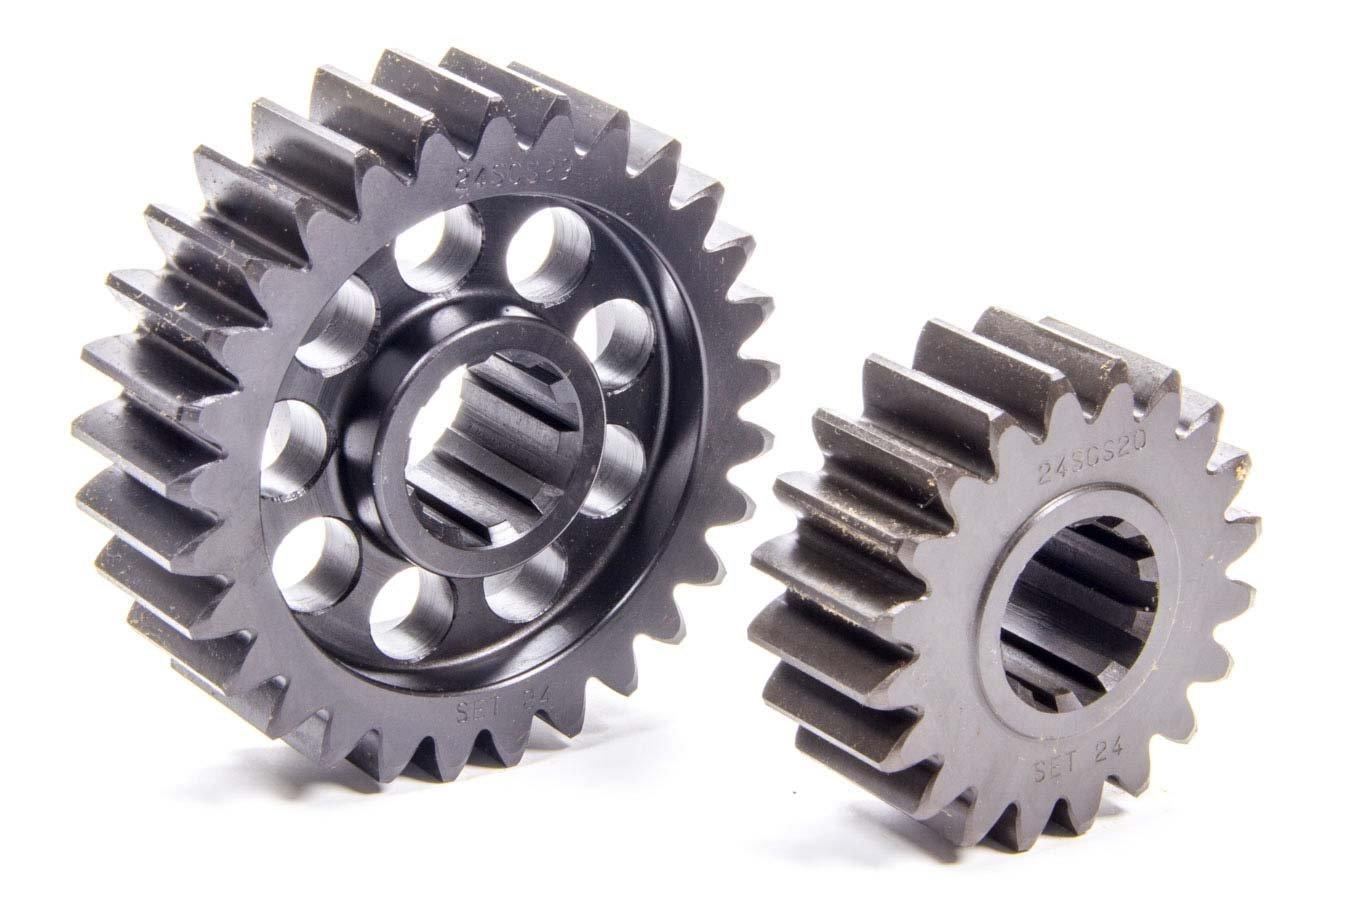 SCS Gears 24 Quick Change Gear Set